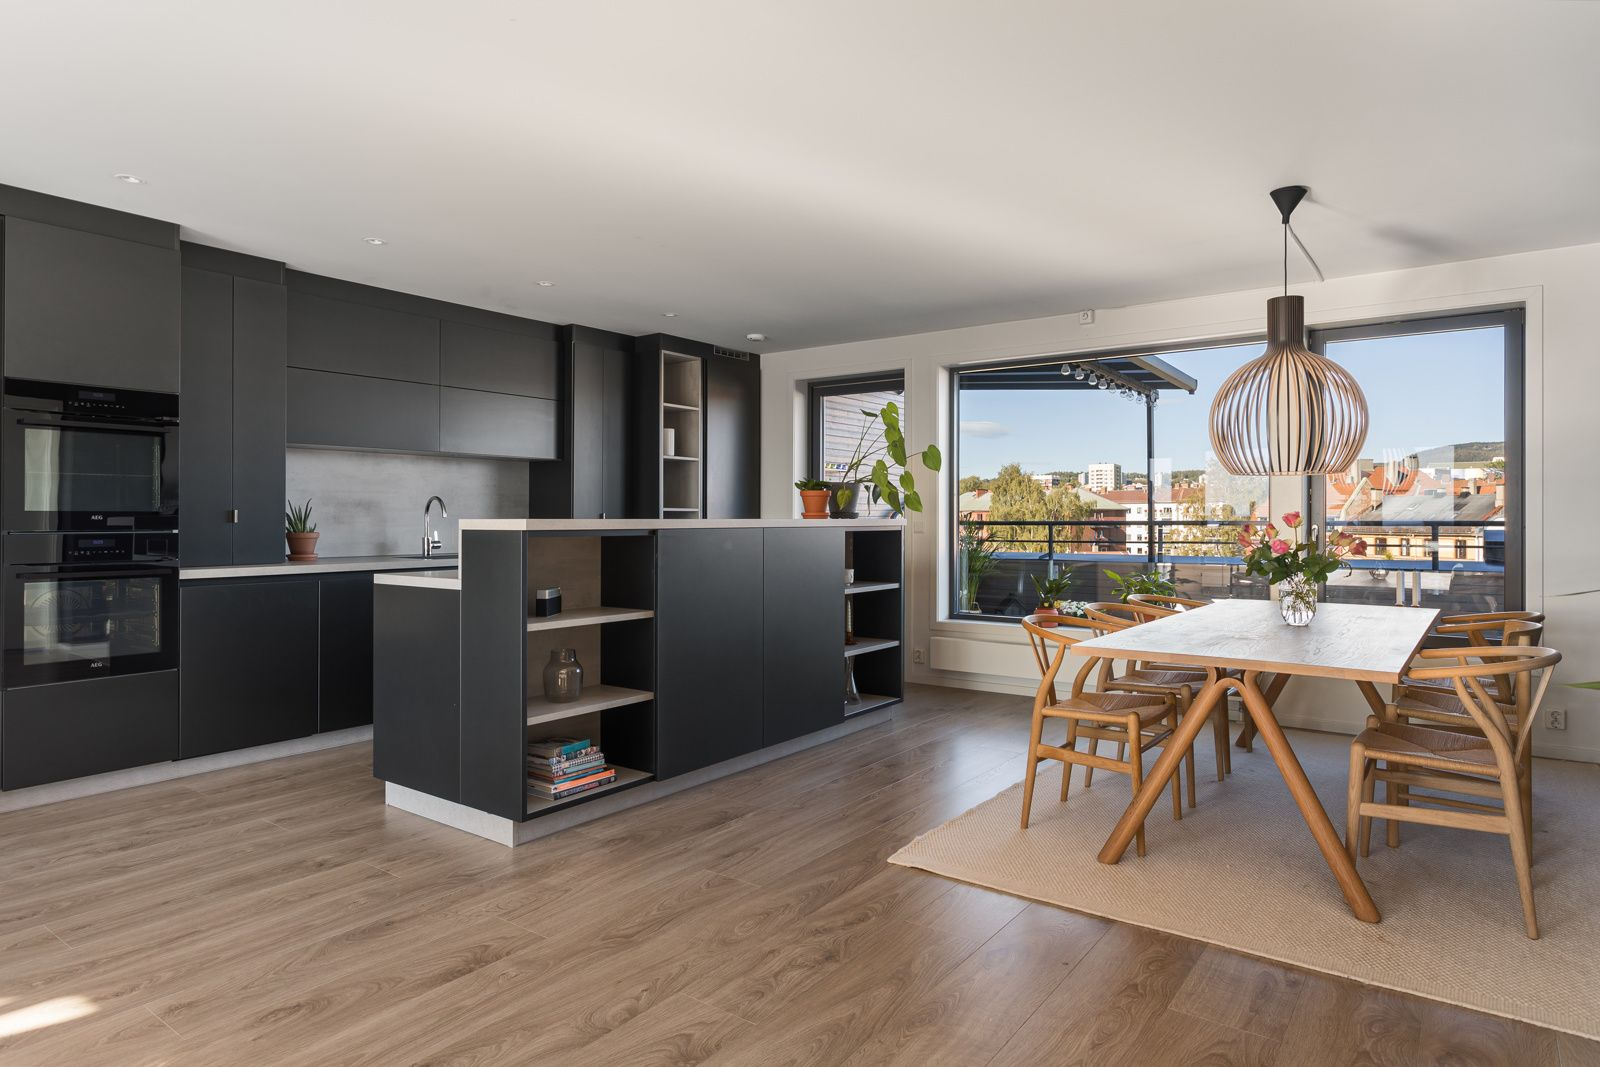 Sandakerveien 22 H Kjøkkenet ligger i en fin delvis åpen løsning med stuen, adskilt og samtidig åpent og sosialt.